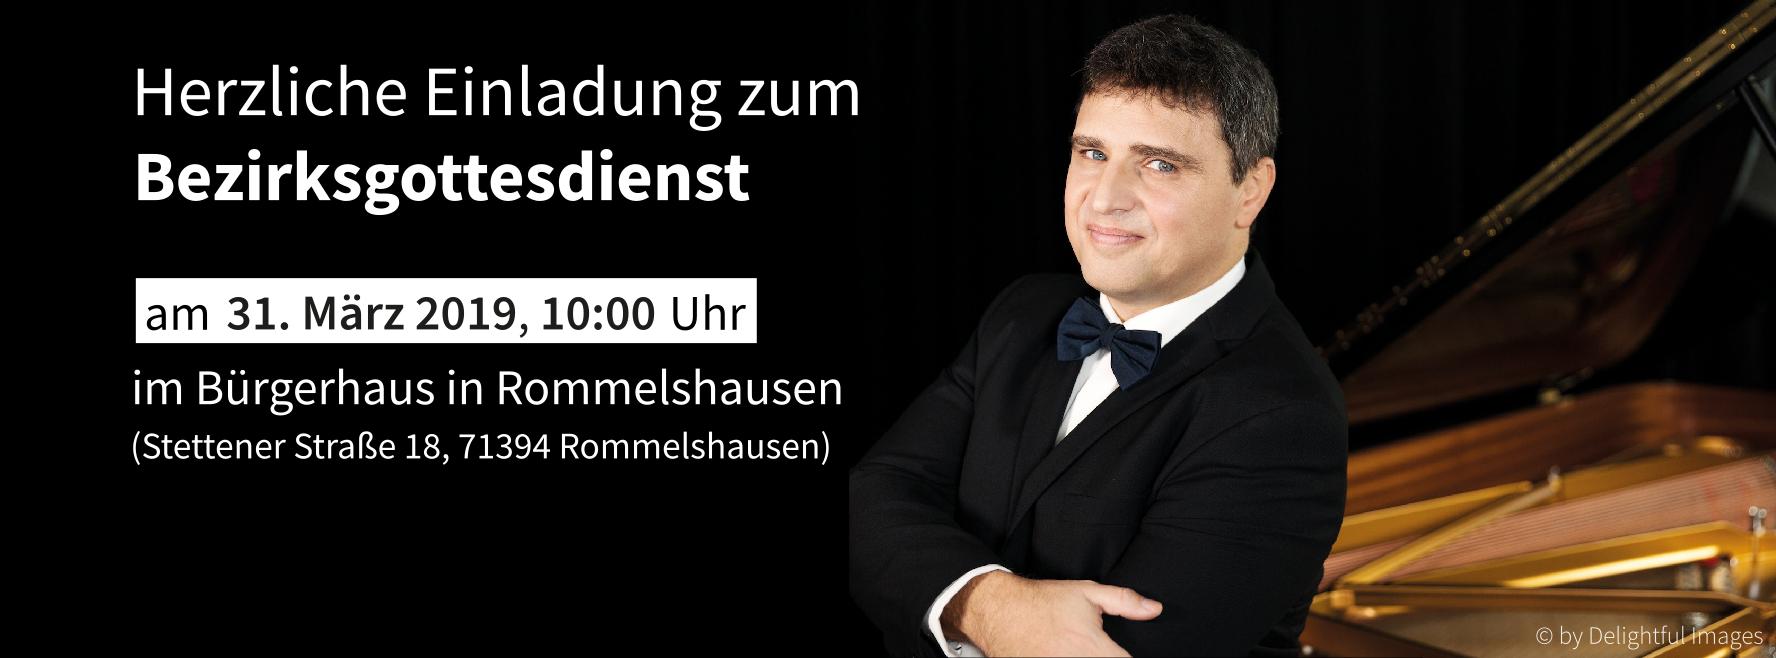 Herzliche Einladung zum Bezirksgottesdienst am 31. März 2019 um 10:00 Uhr im Bürgerhaus in Rommelshausen.